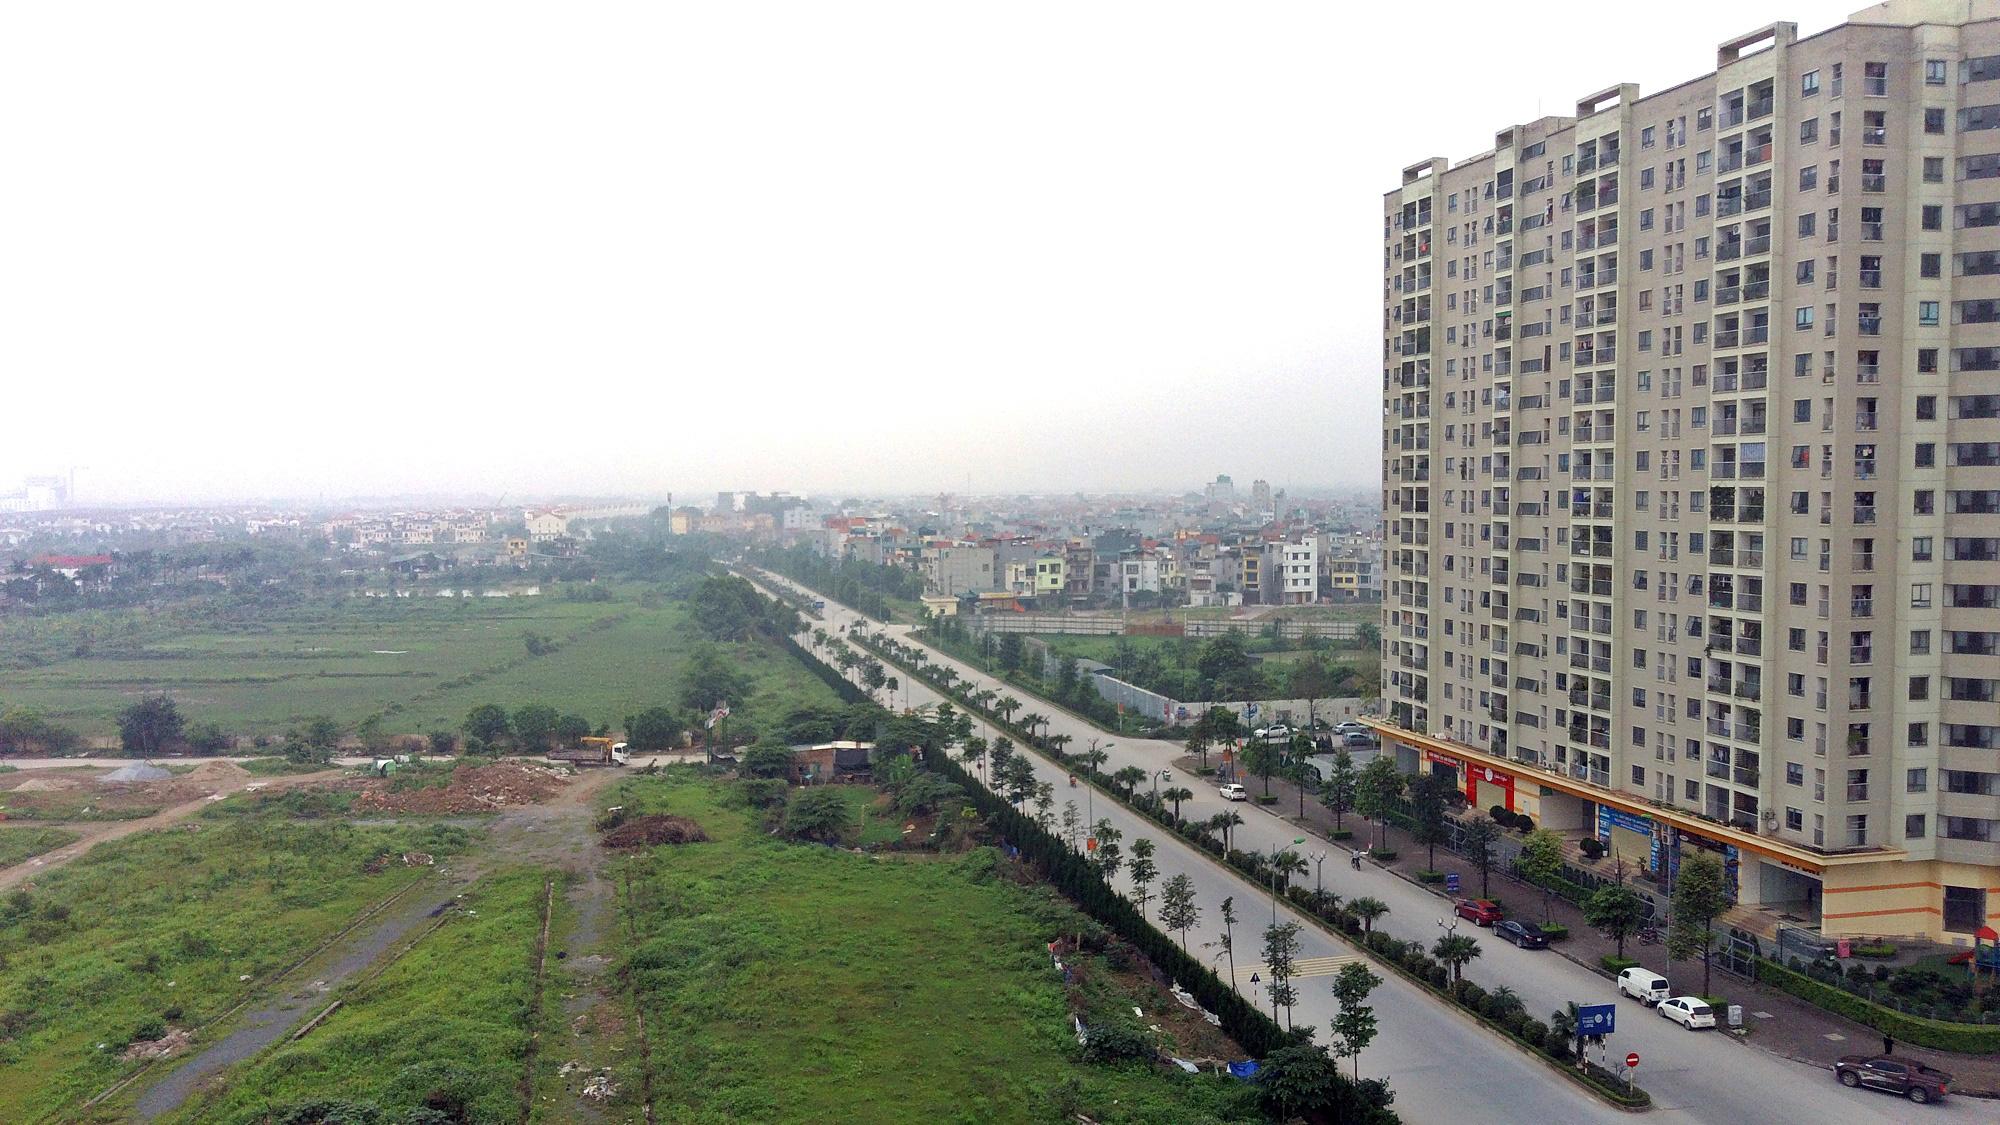 Đường sẽ mở theo qui hoạch ở Hà Nội: Toàn cảnh đường nối KĐT Nam An Khánh đến Sân vận động Mỹ Đình - Ảnh 16.